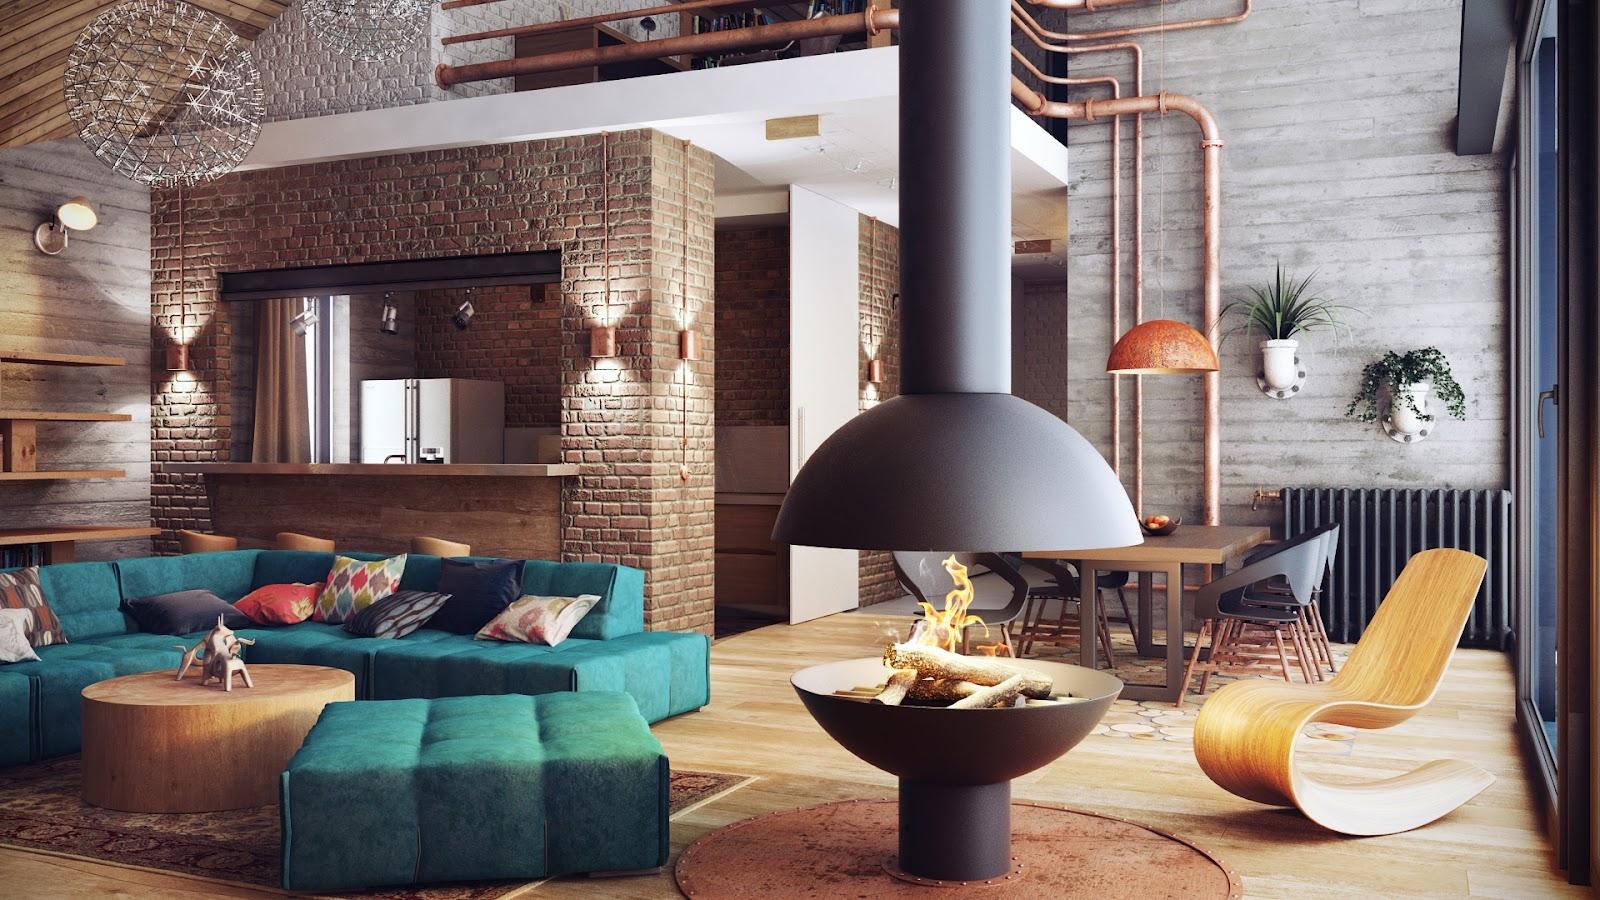 Un projet de style loft est parfait pour une maison de campagne, où le week-end vous pourrez vous détendre loin de l'agitation de la ville